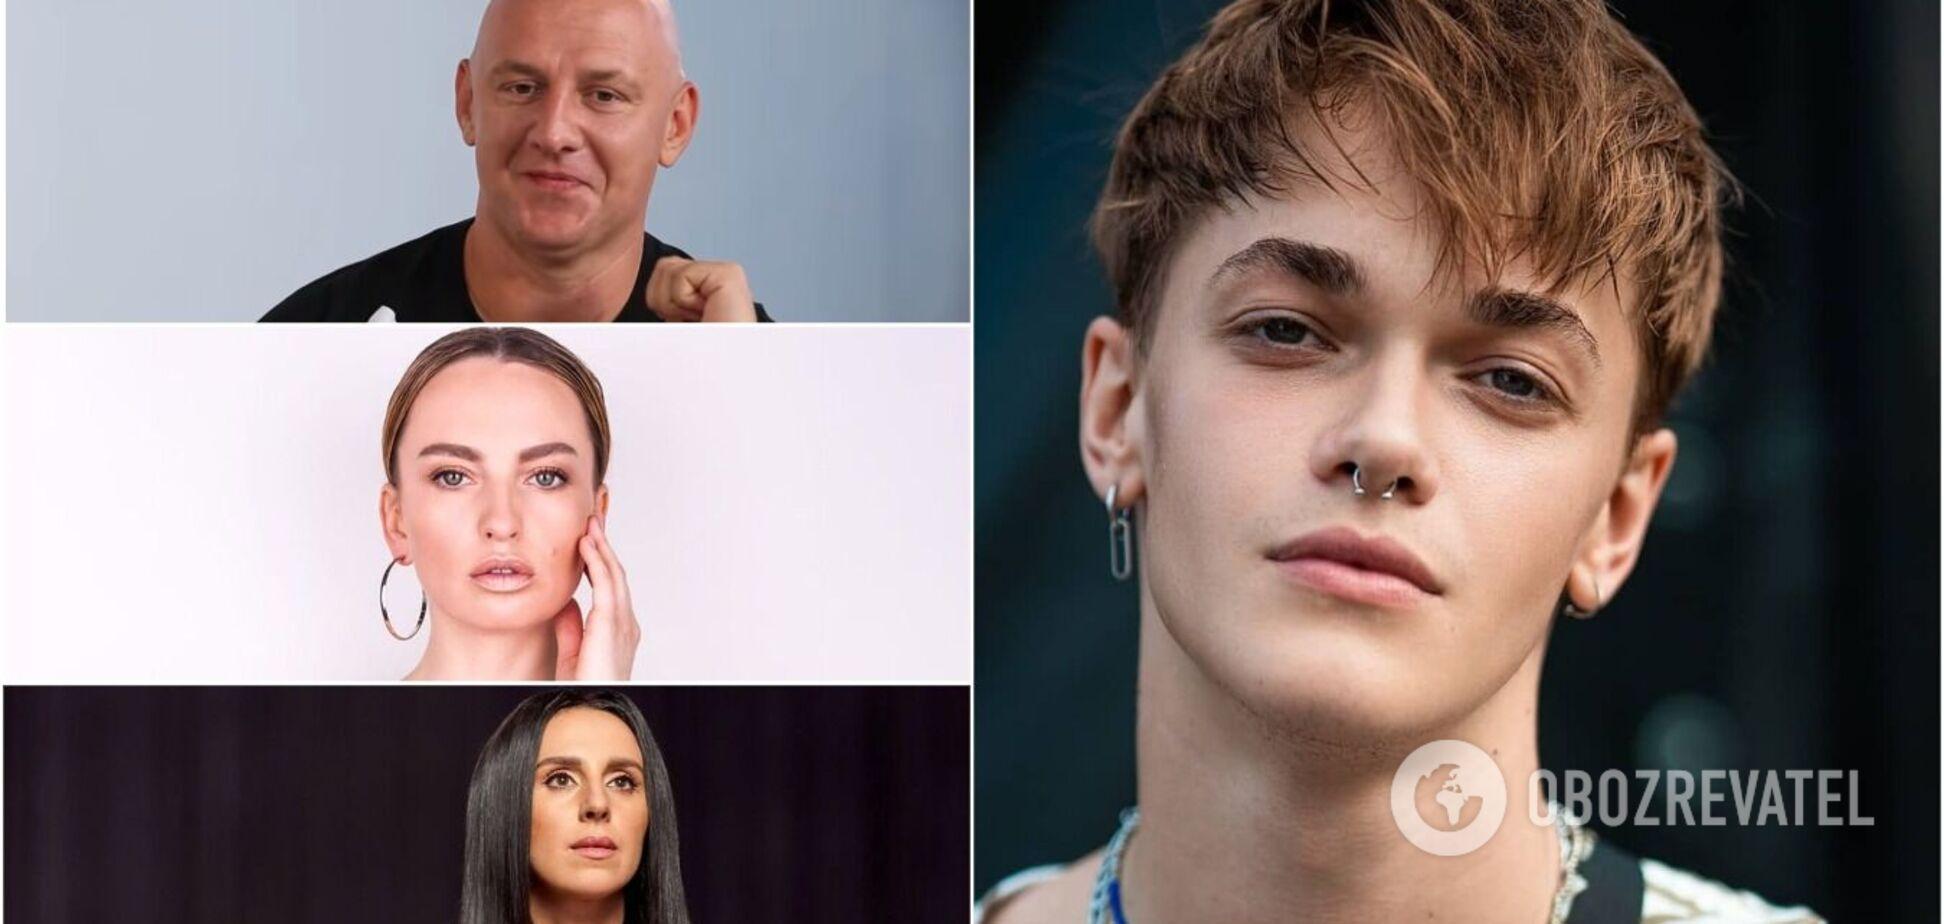 Потап, Нікітюк та Монро: як українські зірки відреагували на побиття танцюриста Дорофєєвої біля гей-клубу